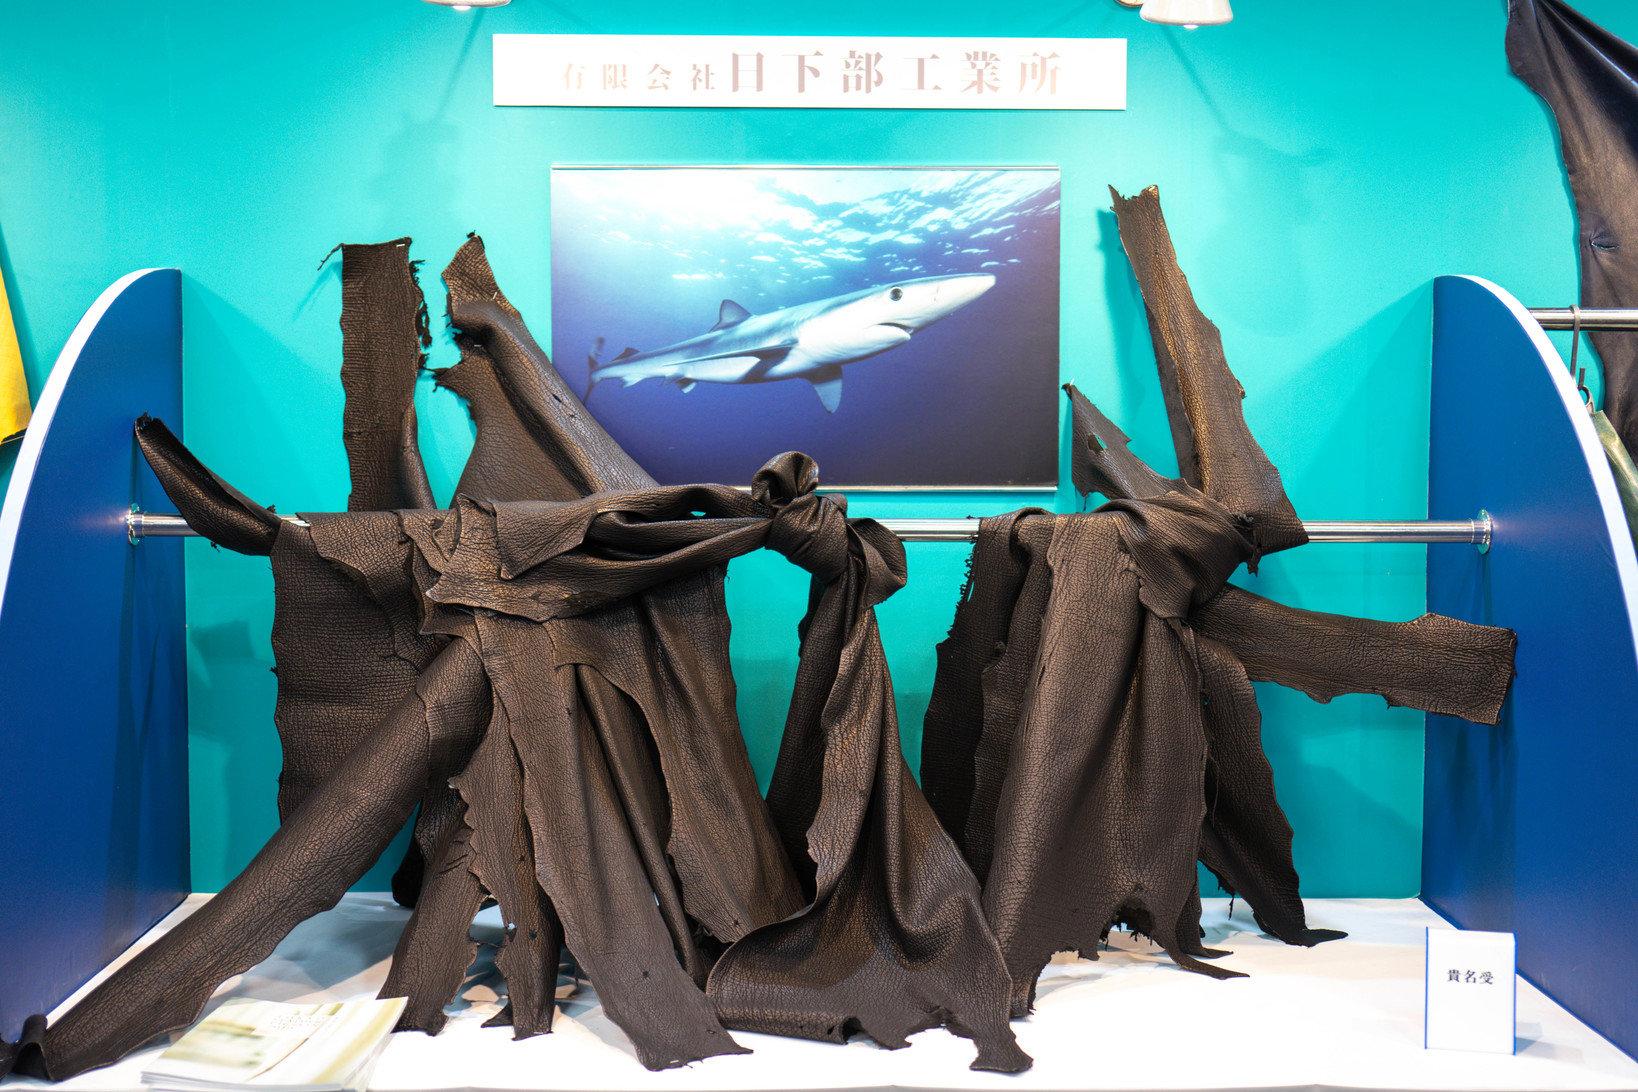 会場では芸術的な革の展示も多く行われていました。